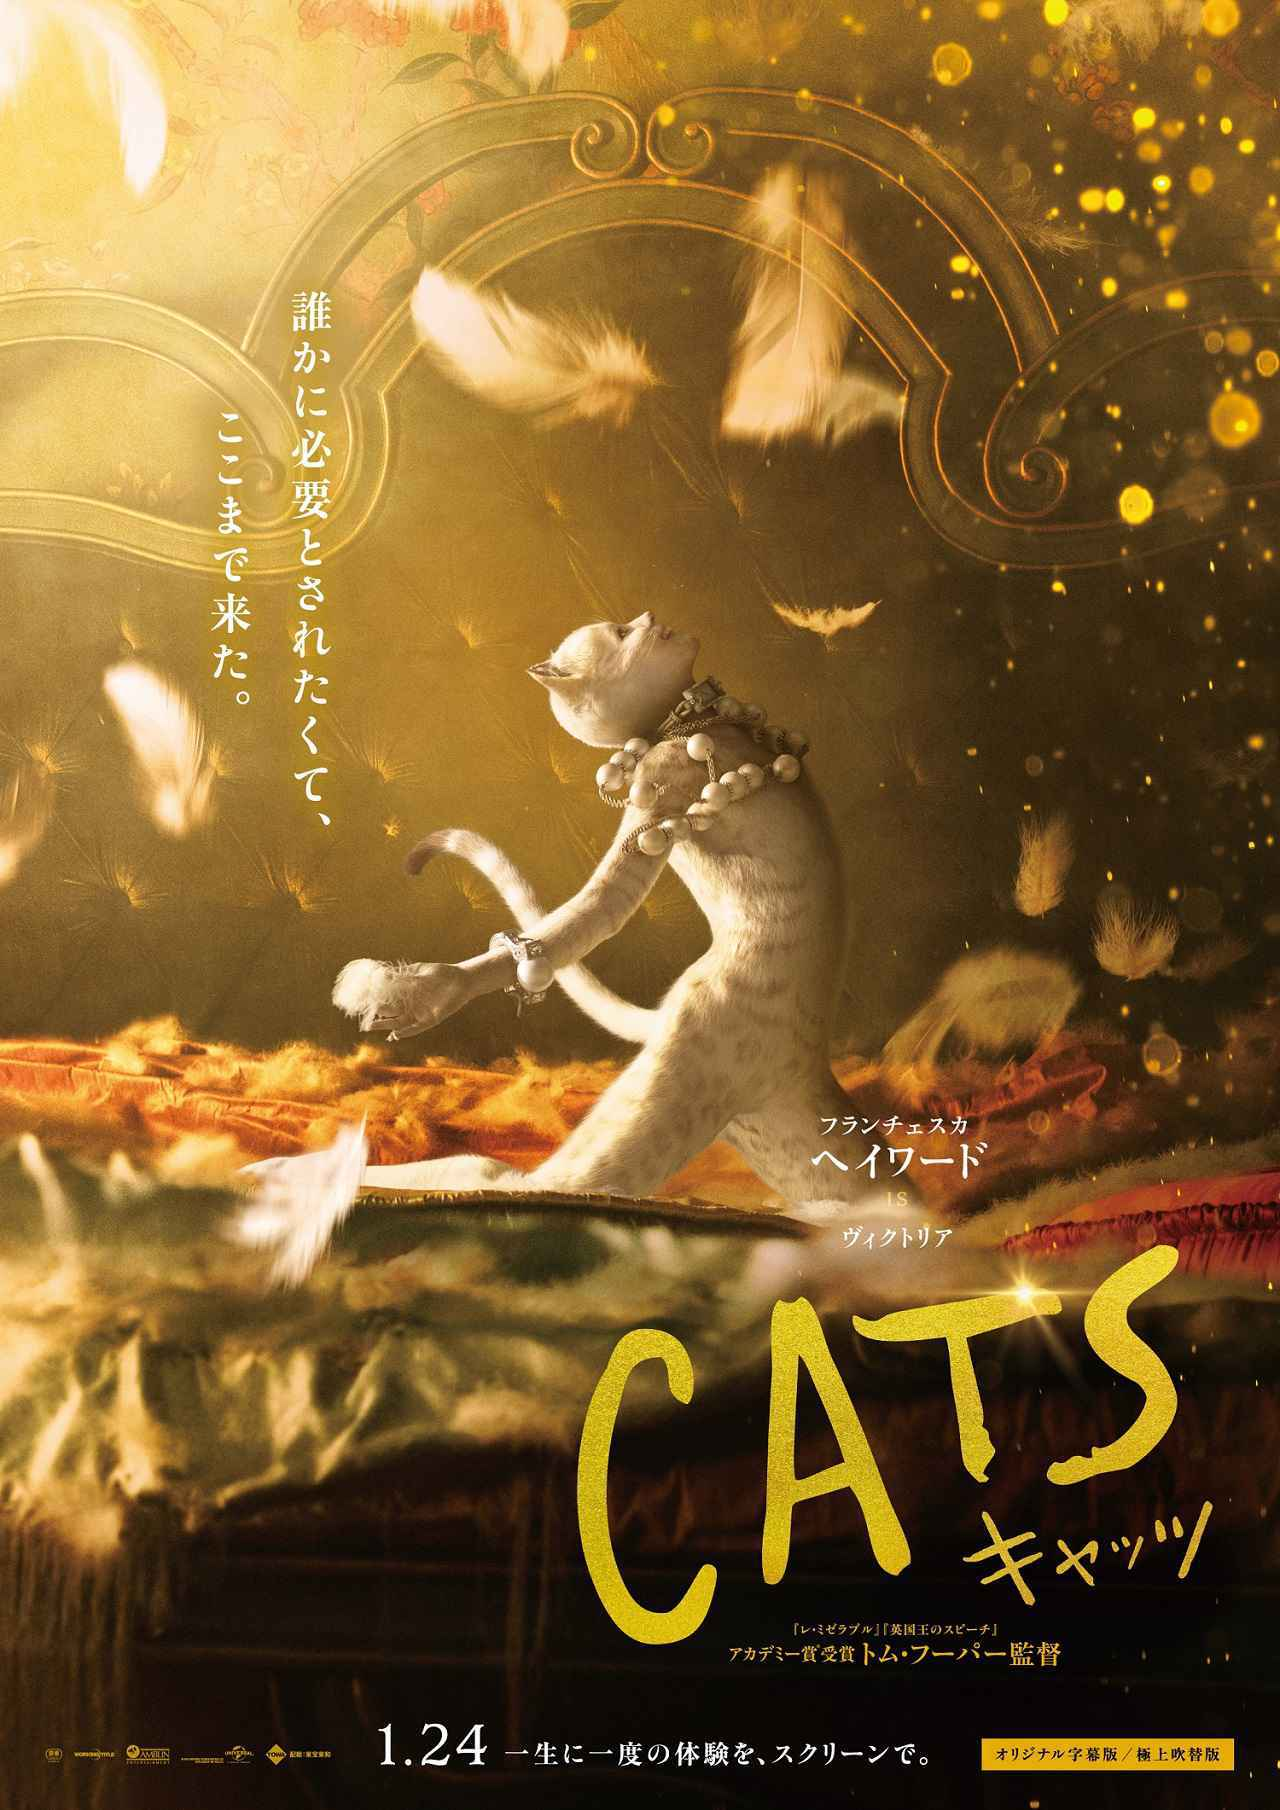 画像1: 1月24日公開の映画『キャッツ』